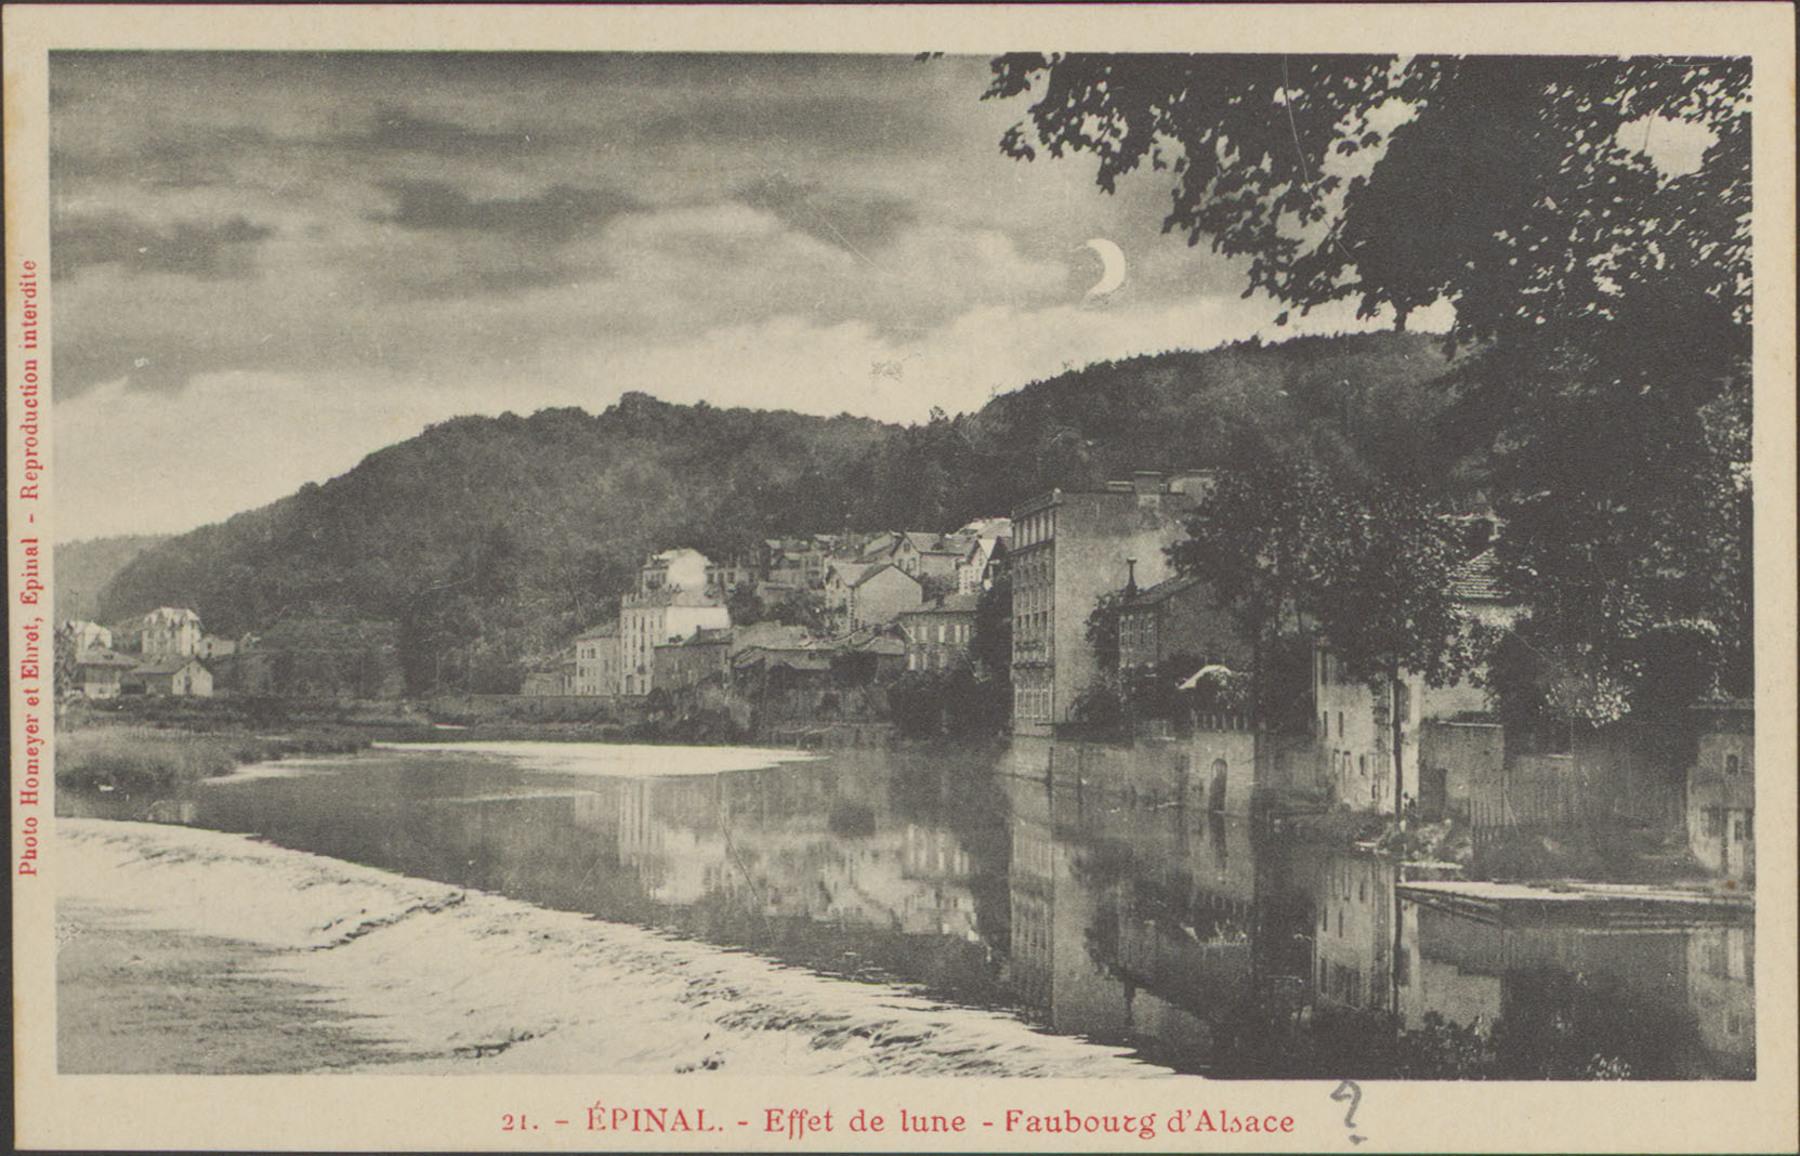 Contenu du Épinal, Effet de lune, Faubourg d'Alsace